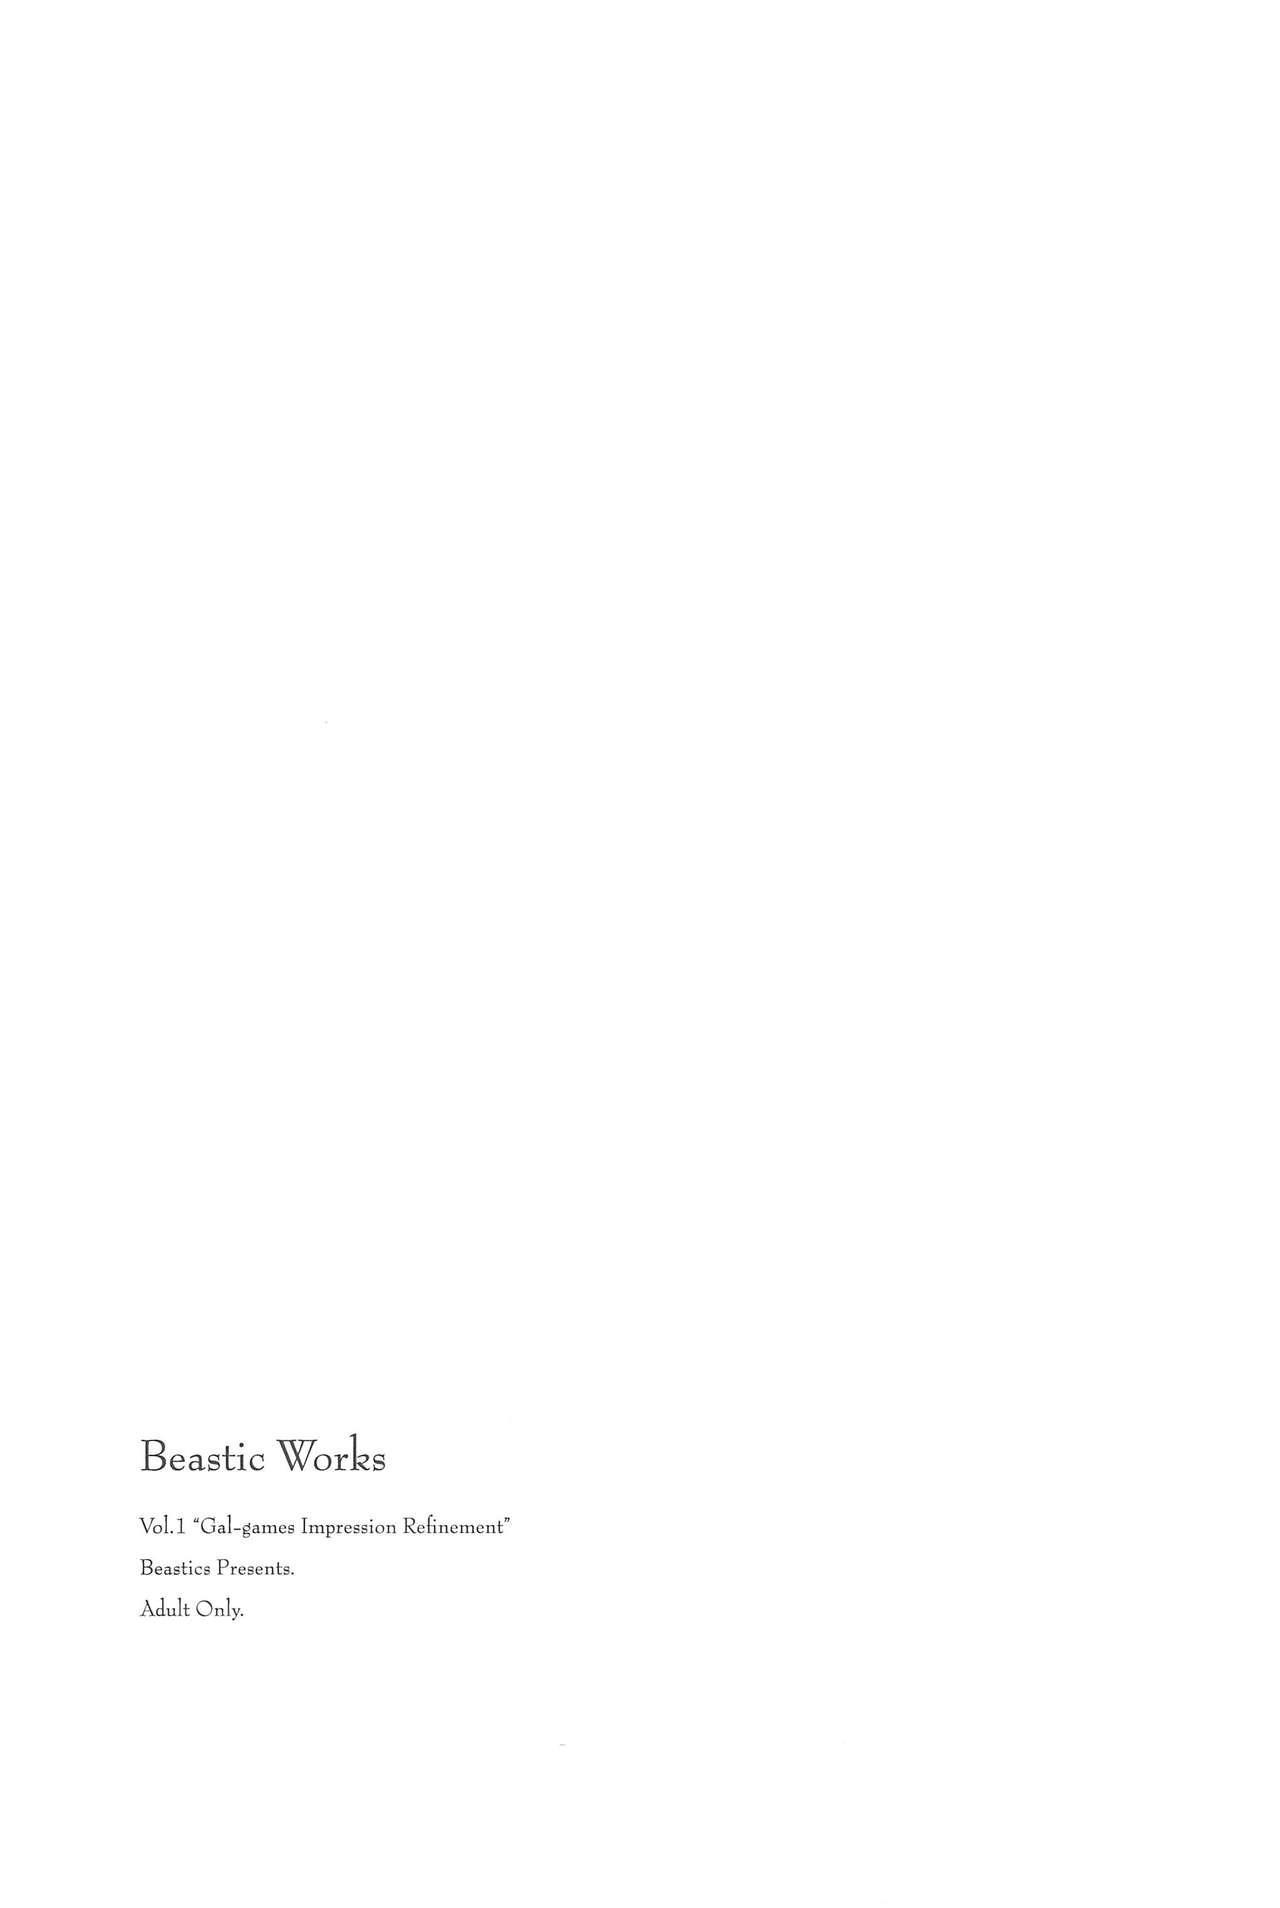 Beastics works Vol.1 4